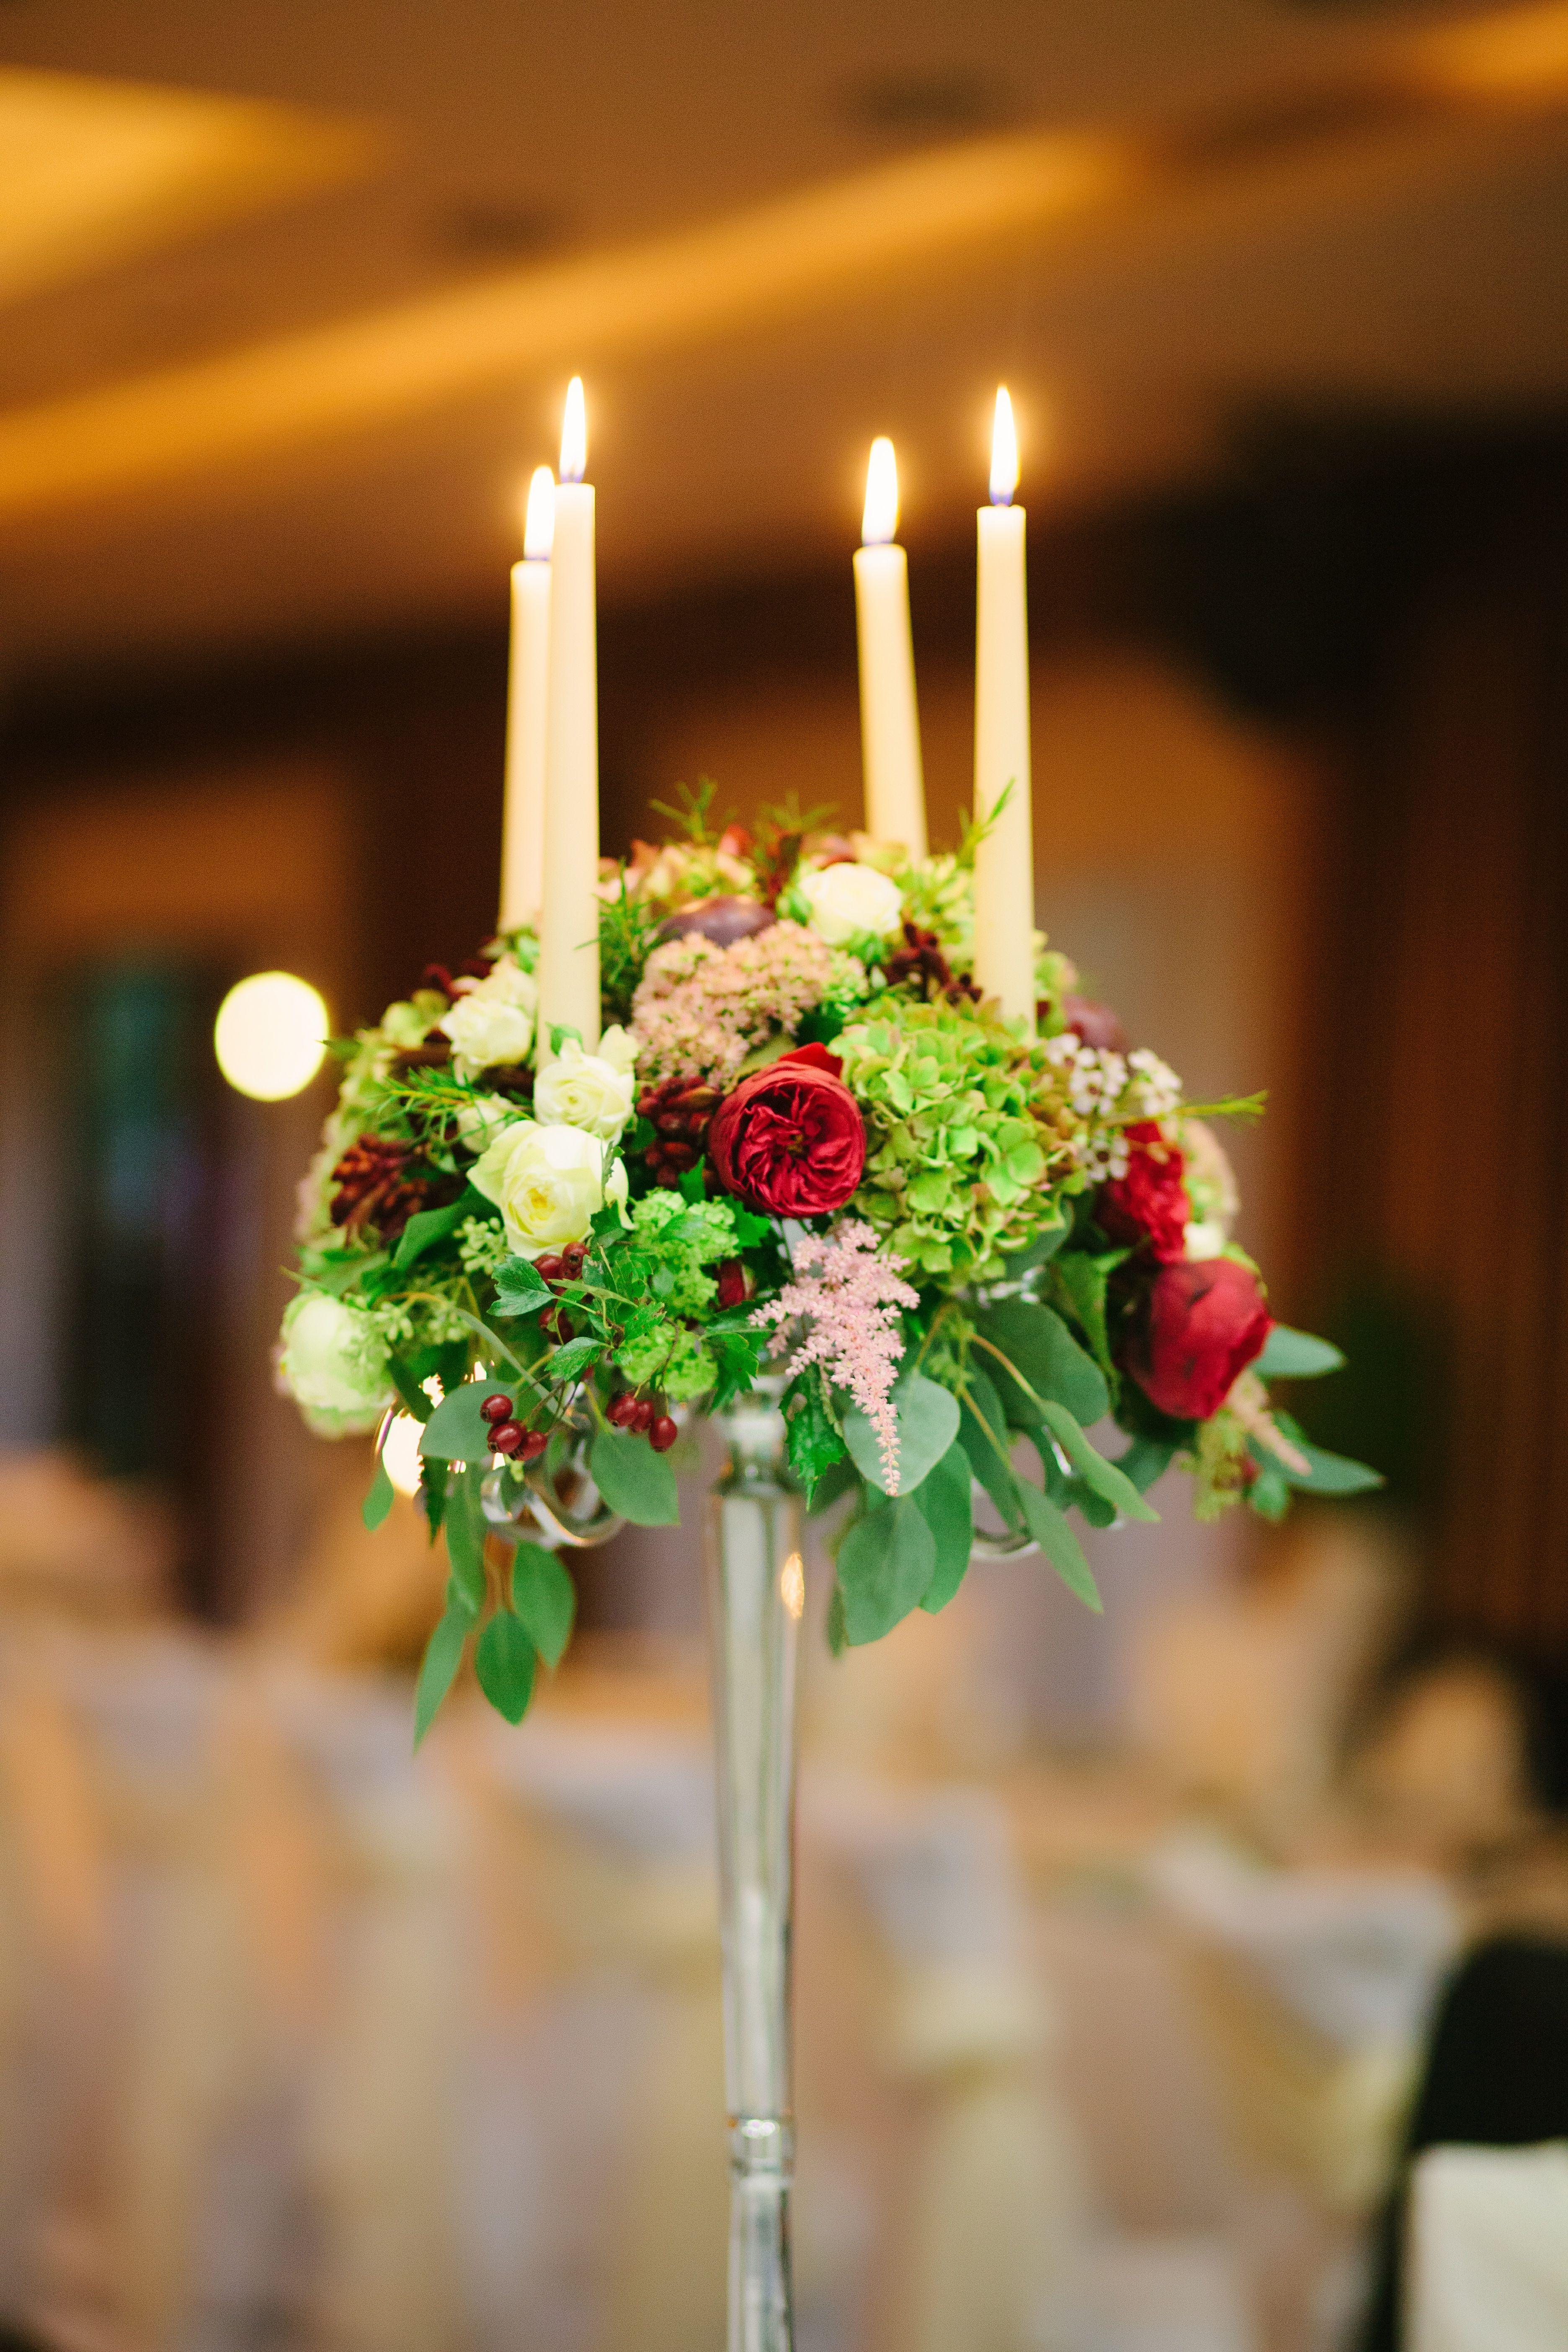 Az ősz csodás lehetőségeket rejt. Asztali dekorációban is! Imádjuk!